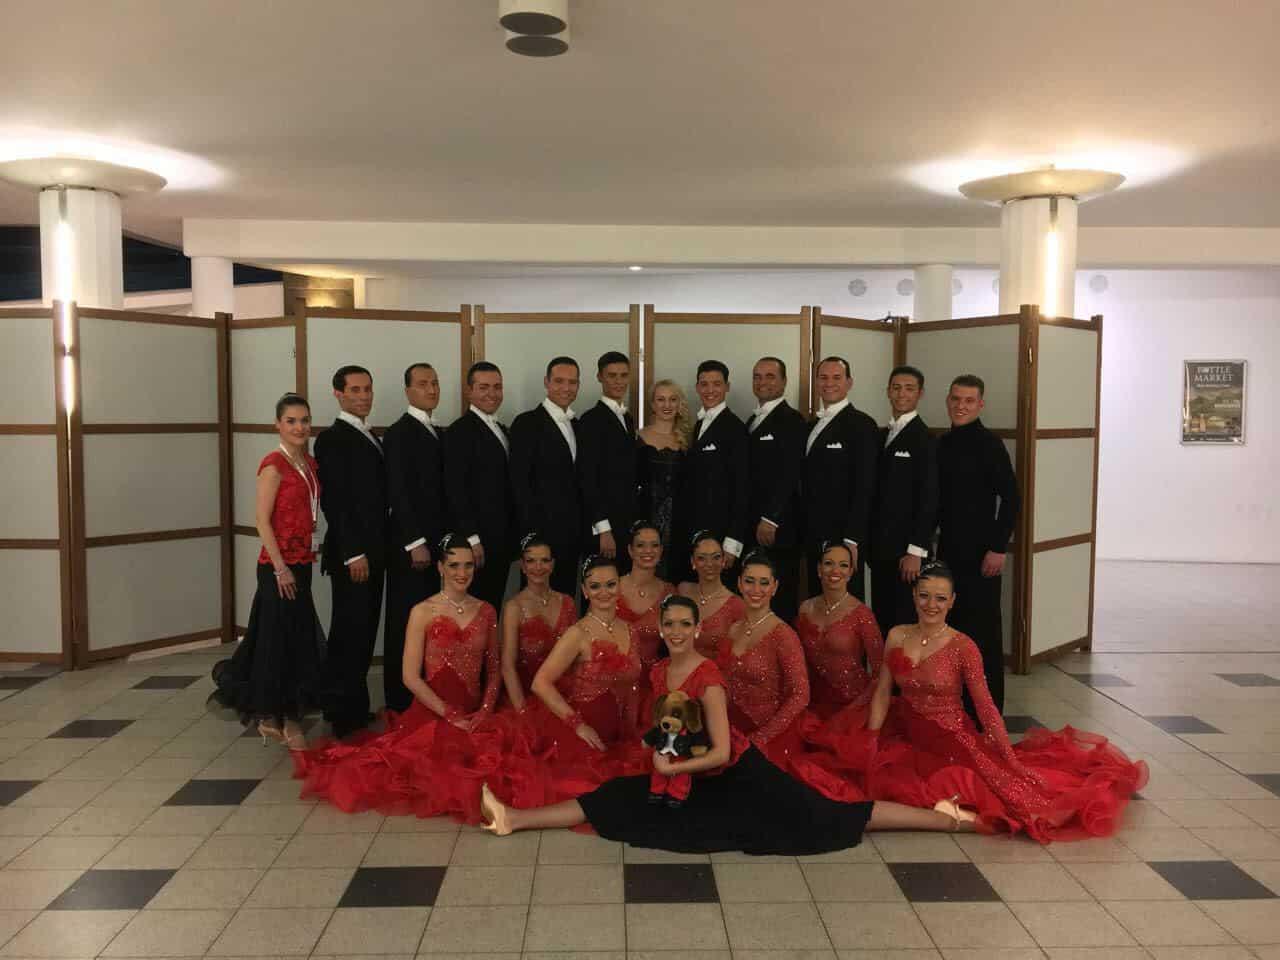 Platz 5 für den Tanzclub Bernau bei der Meisterschaft in Bremen